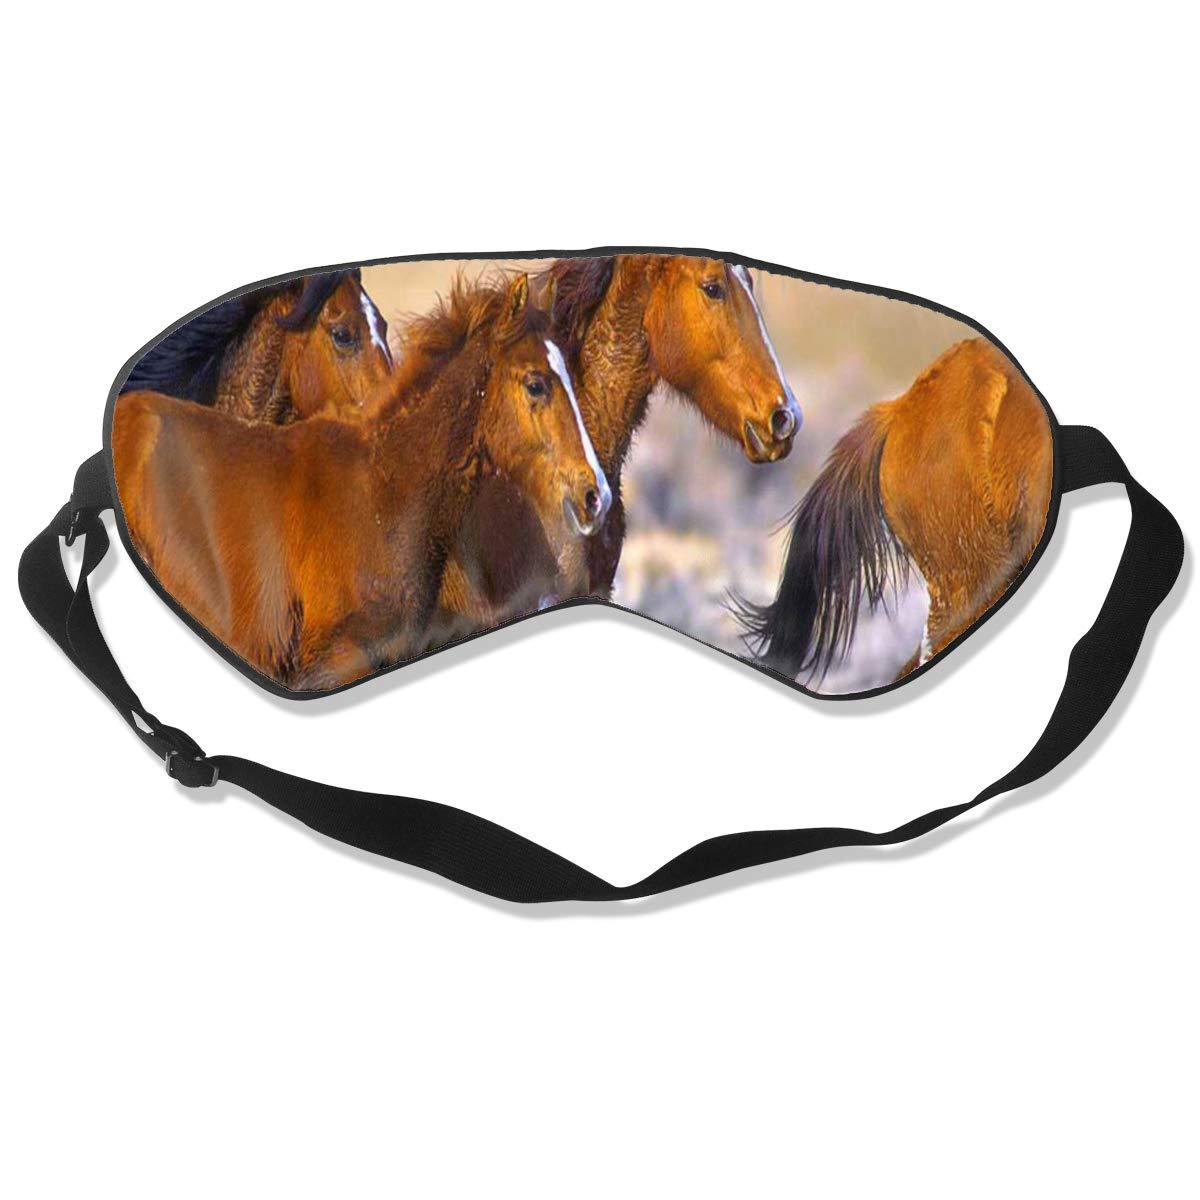 Custom Sleeping Mask Herd Of Horses Adjustable Breathable Sleep Mask/Sleeping Eyes Mask/Sleep Eyes Mask/Eyeshade/Blindfold